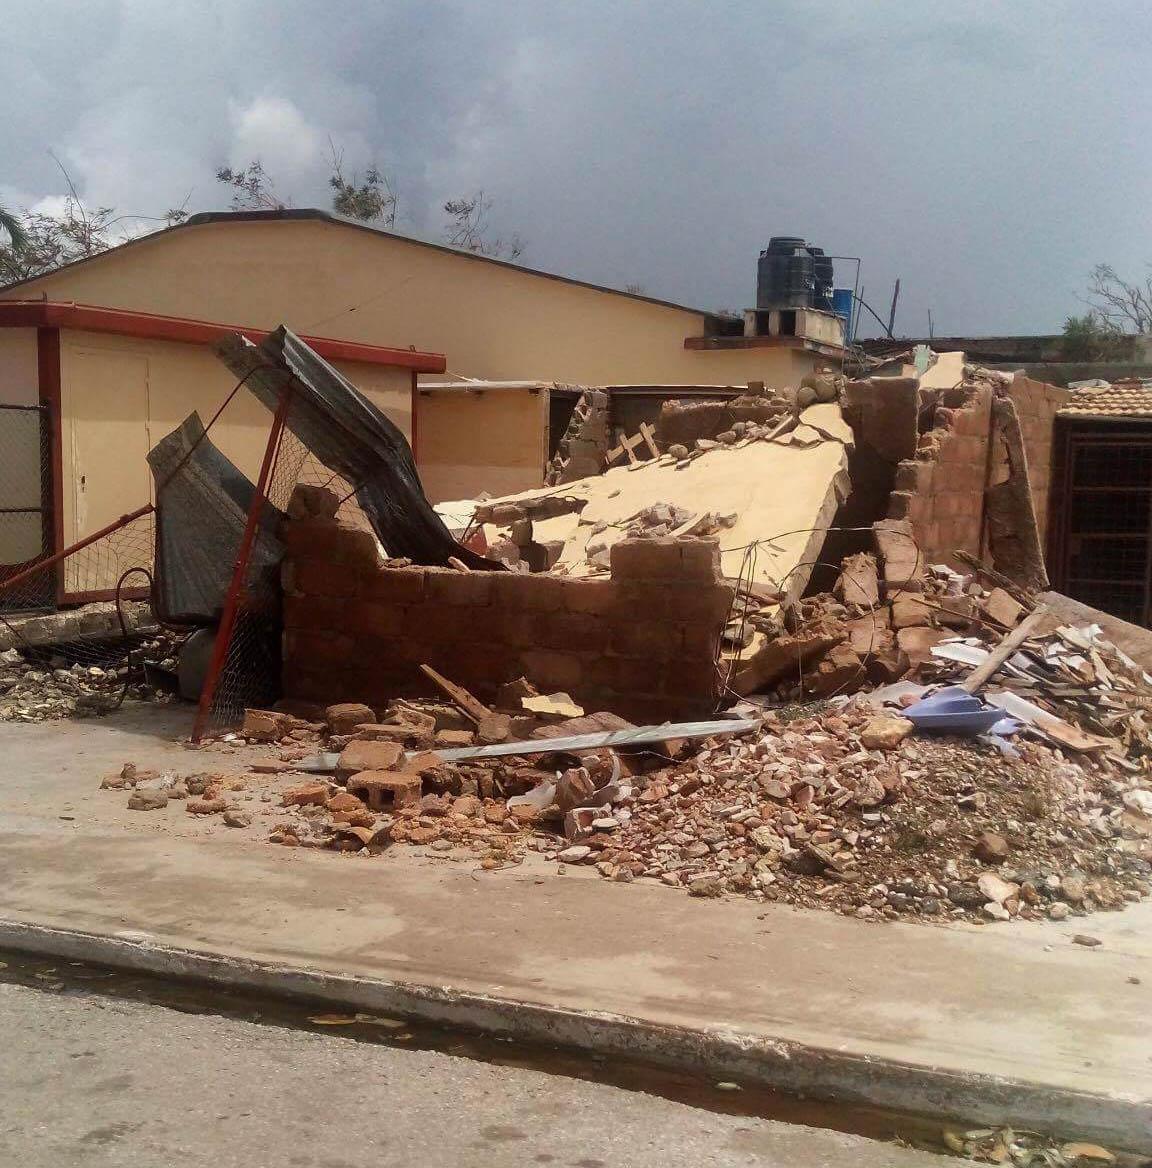 Verwoeste huis en groente kiosk van Asnaldo